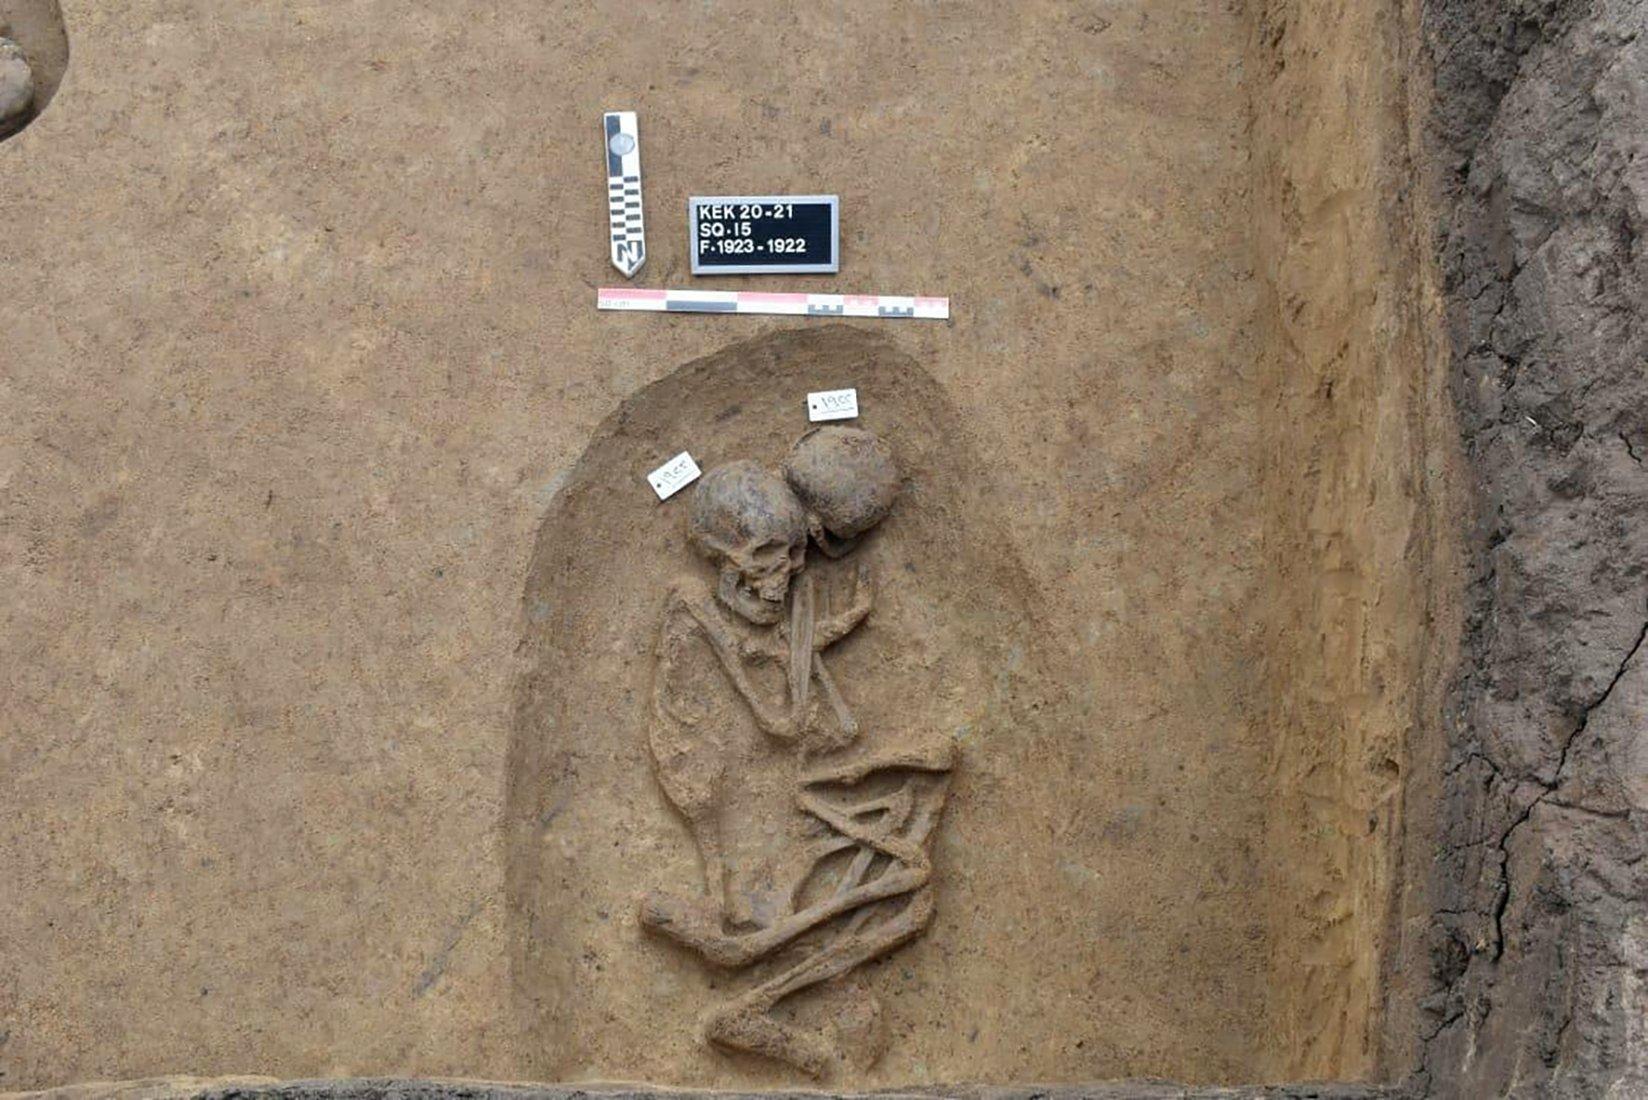 تم اكتشاف مقبرة قديمة مؤخرًا مع بقايا بشرية في موقع كوم الخلجان الأثري ، الدقهلية ، دلتا النيل ، شمال شرق القاهرة ، مصر ، 21 أبريل 2021 (وزارة السياحة المصرية) عبر)